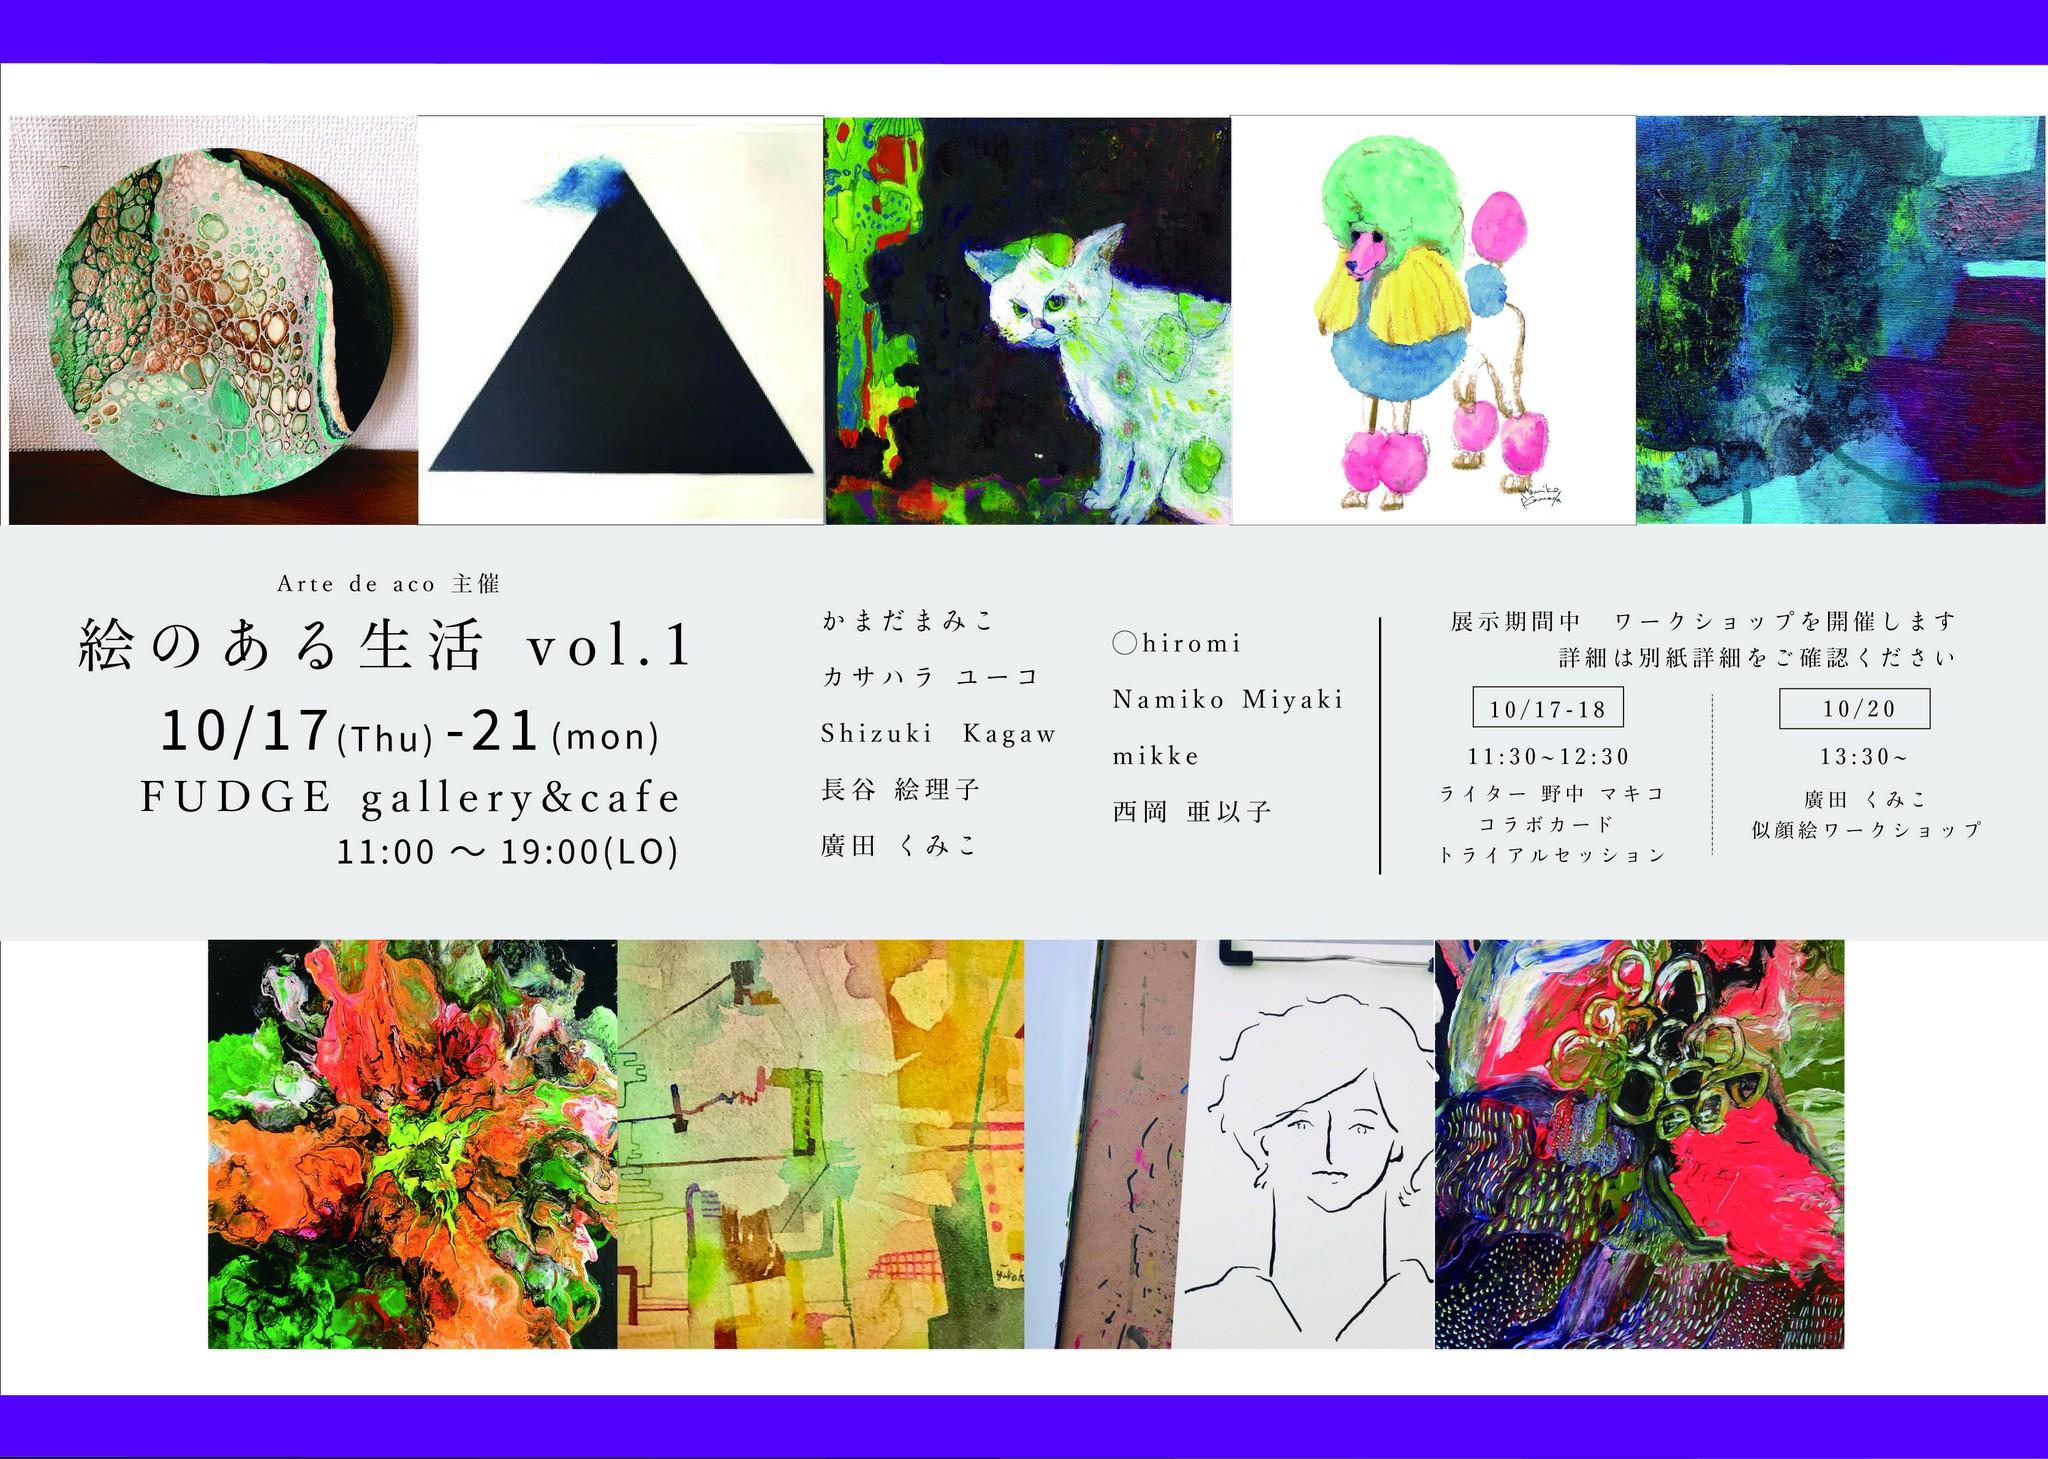 Arte de aco主催 グループ展『絵のある生活 vol.1』のご案内